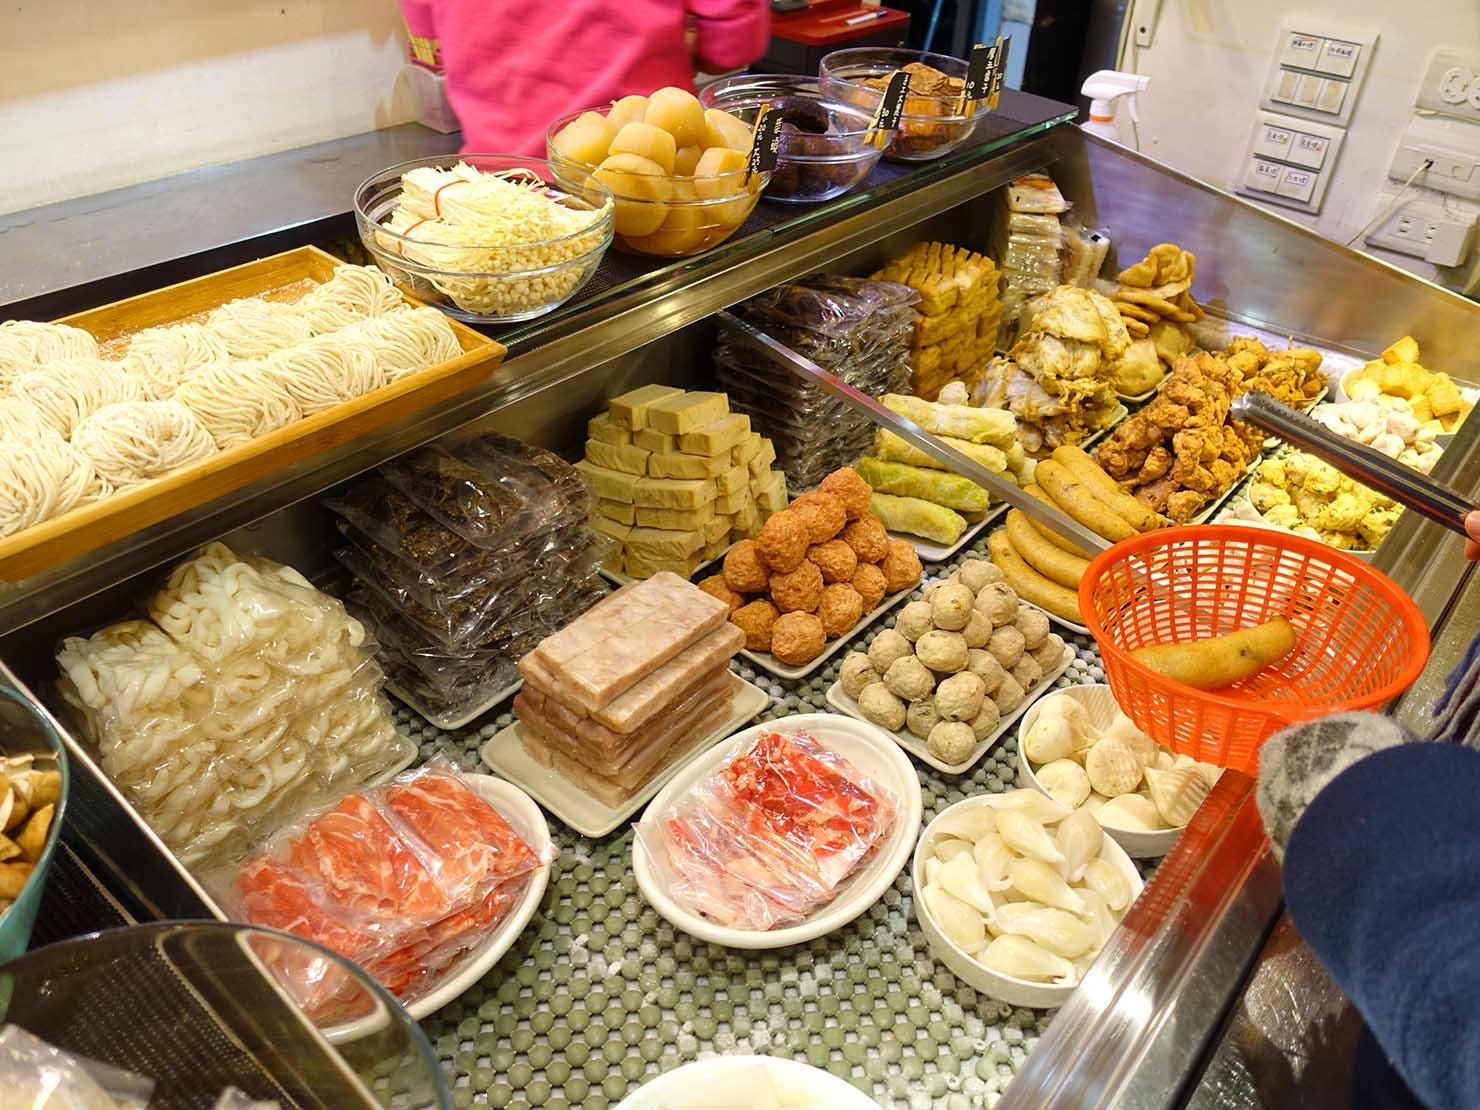 台北101エリア・市政府駅周辺のおすすめ台湾グルメ「清菜滷」のカウンター